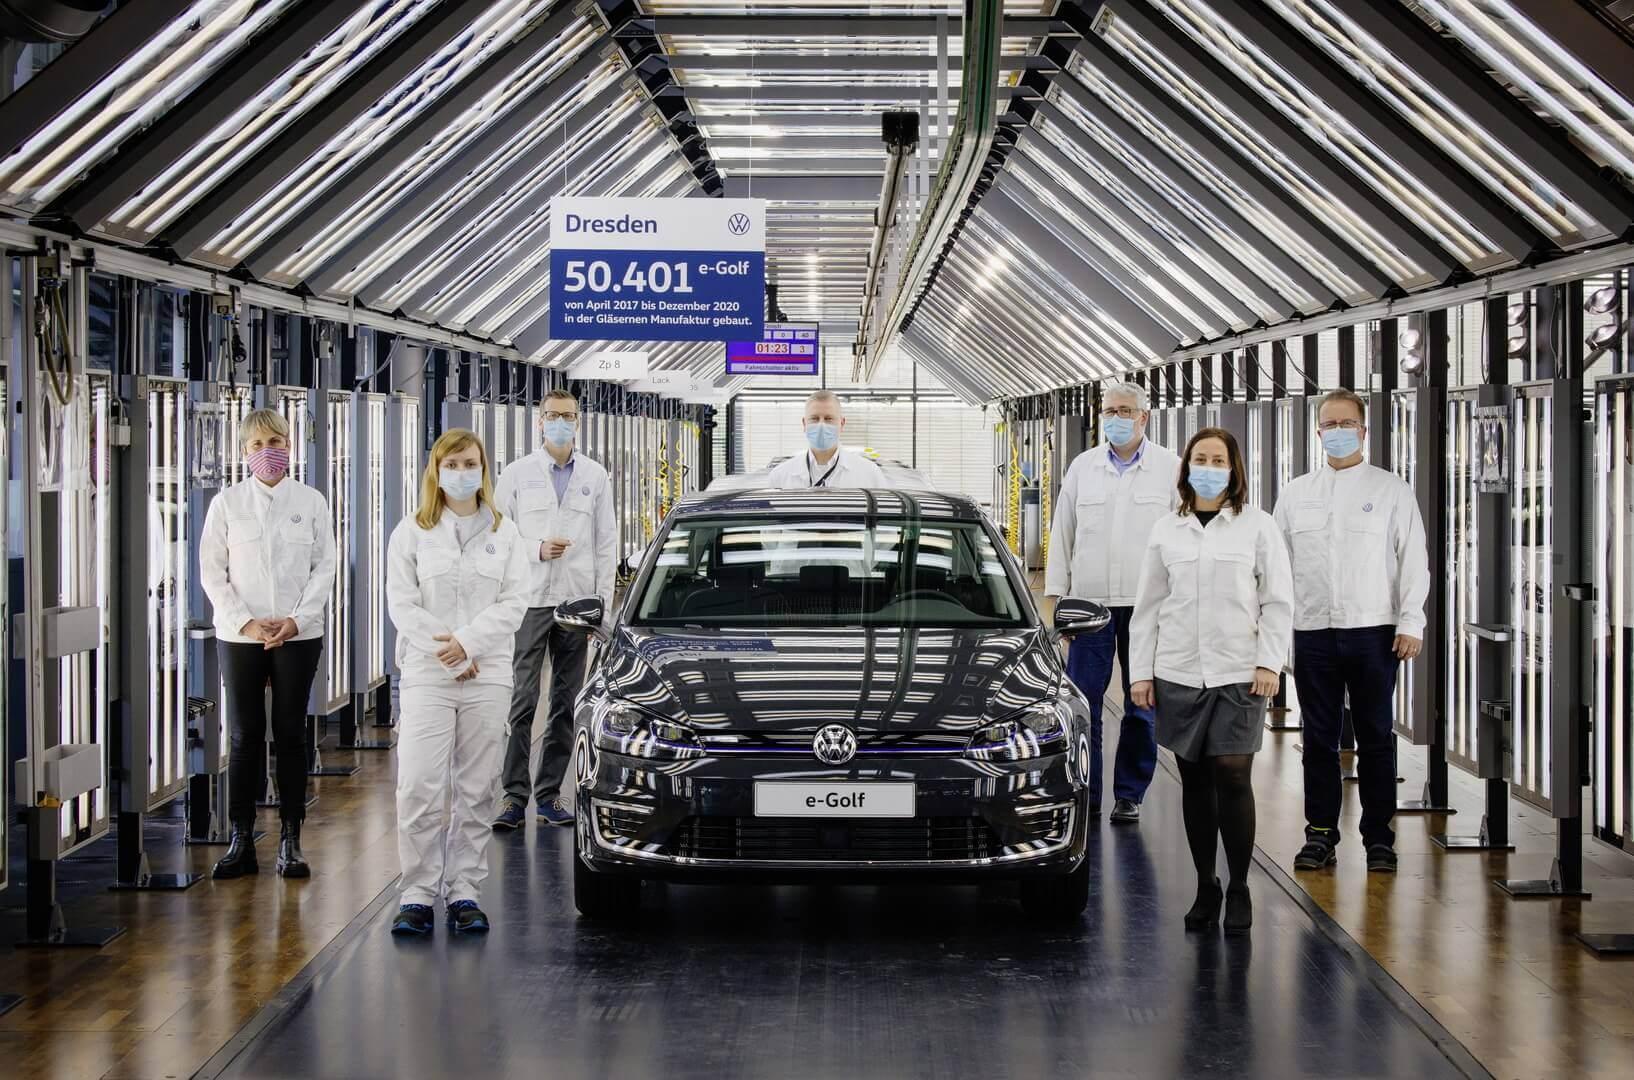 На отметке 145 561 выпущенных электромобилей (в Дрездене 50 401) закончилась история Volkswagen e-Golf